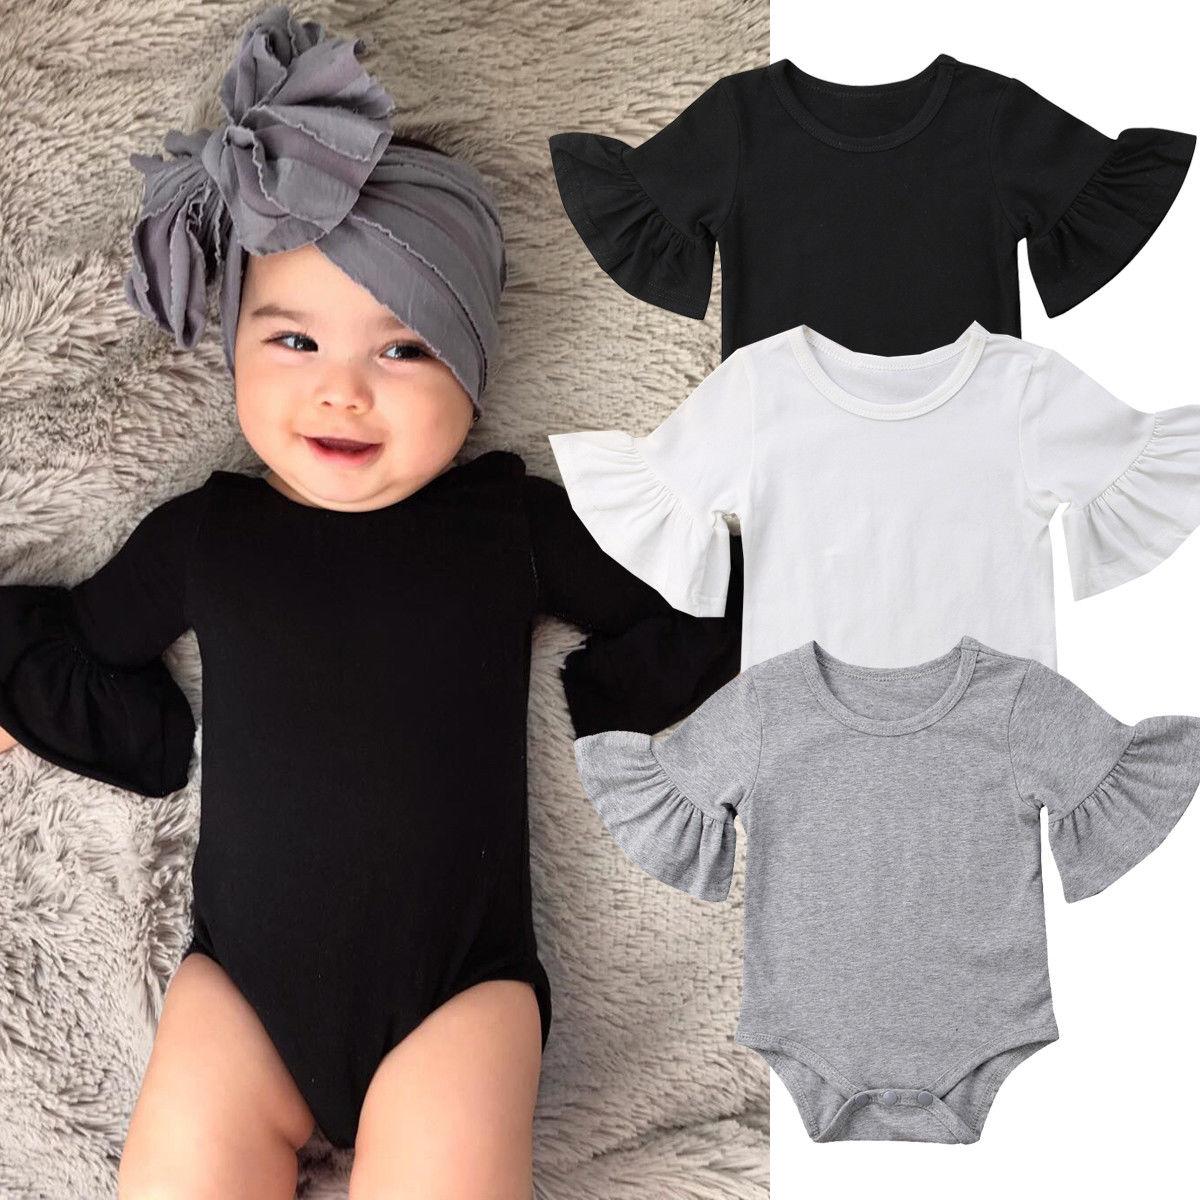 0-24 M Neugeborenen Baby Mädchen Flare Ärmel Einfarbig Baumwolle Romper Overall Outfits Baby Kleidung Einen Einzigartigen Nationalen Stil Haben